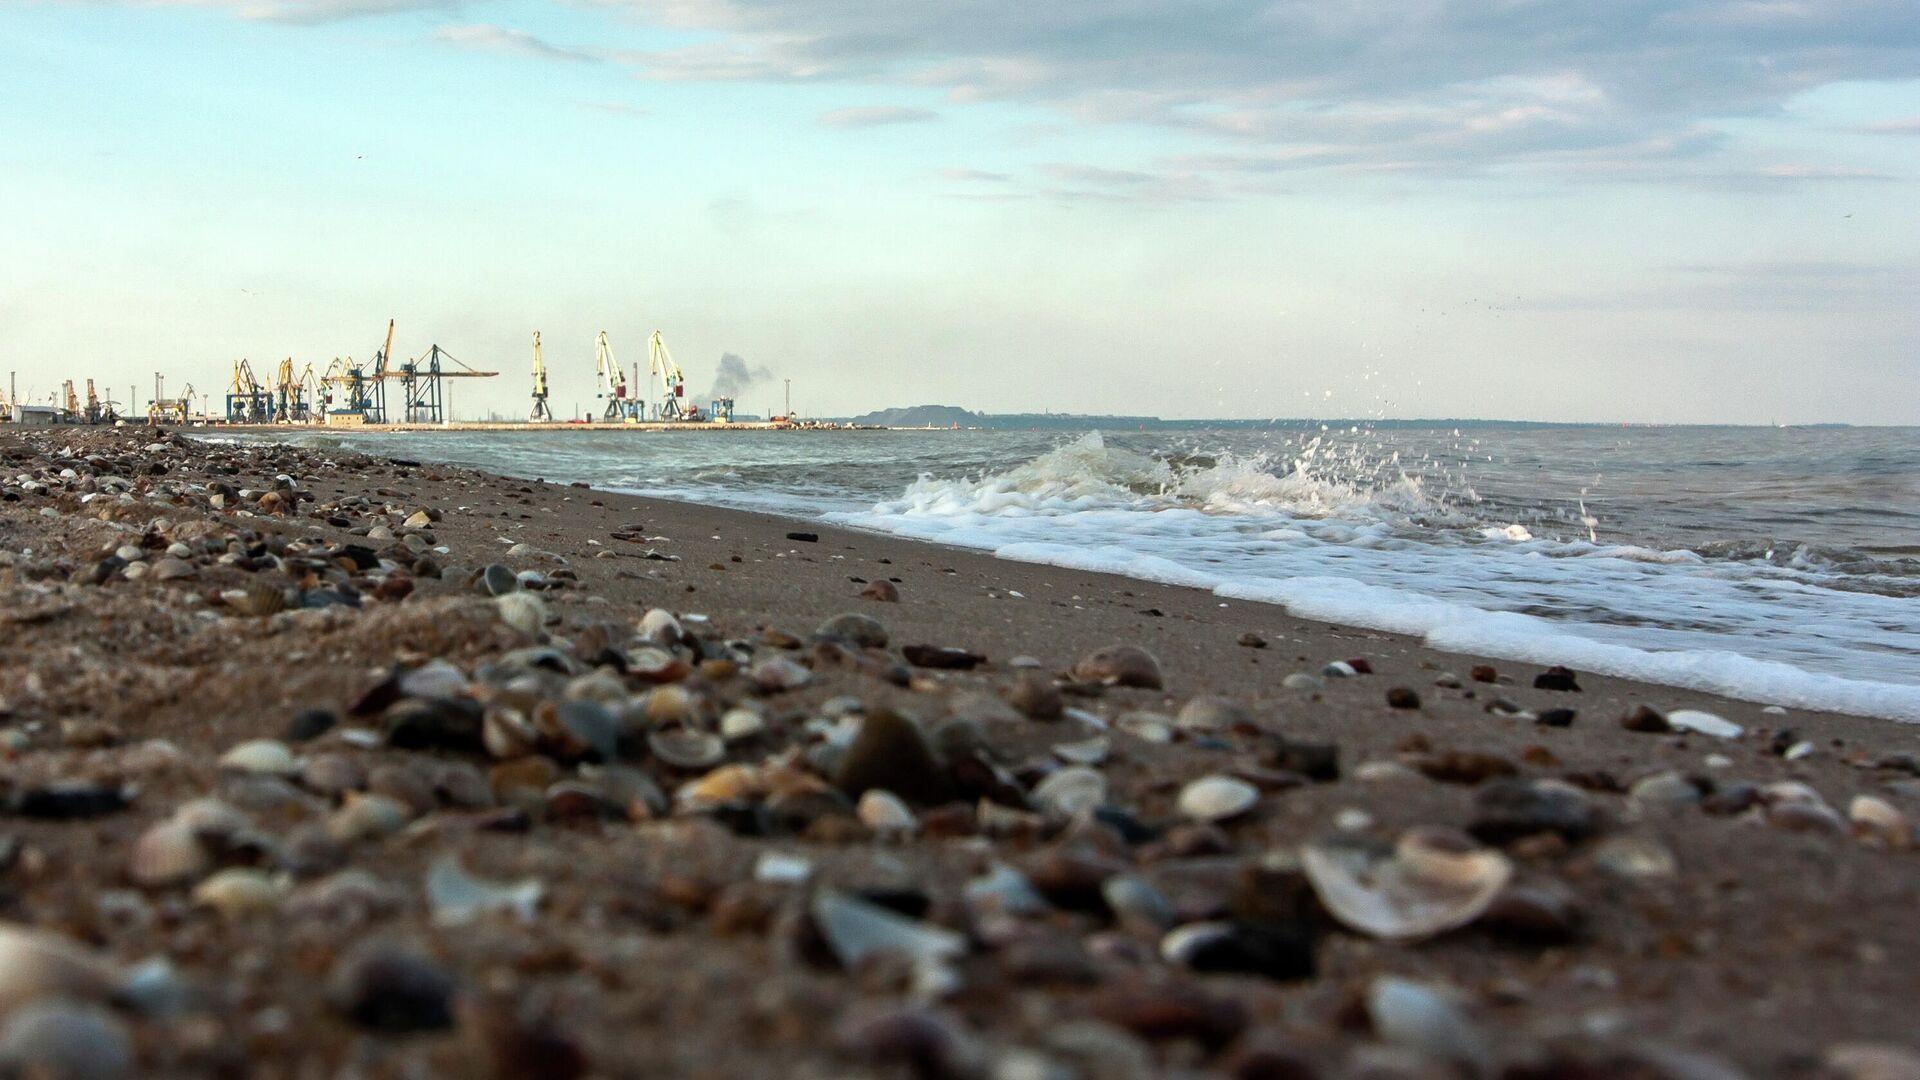 Побережье Азовского моря в Мариуполе - РИА Новости, 1920, 17.10.2020